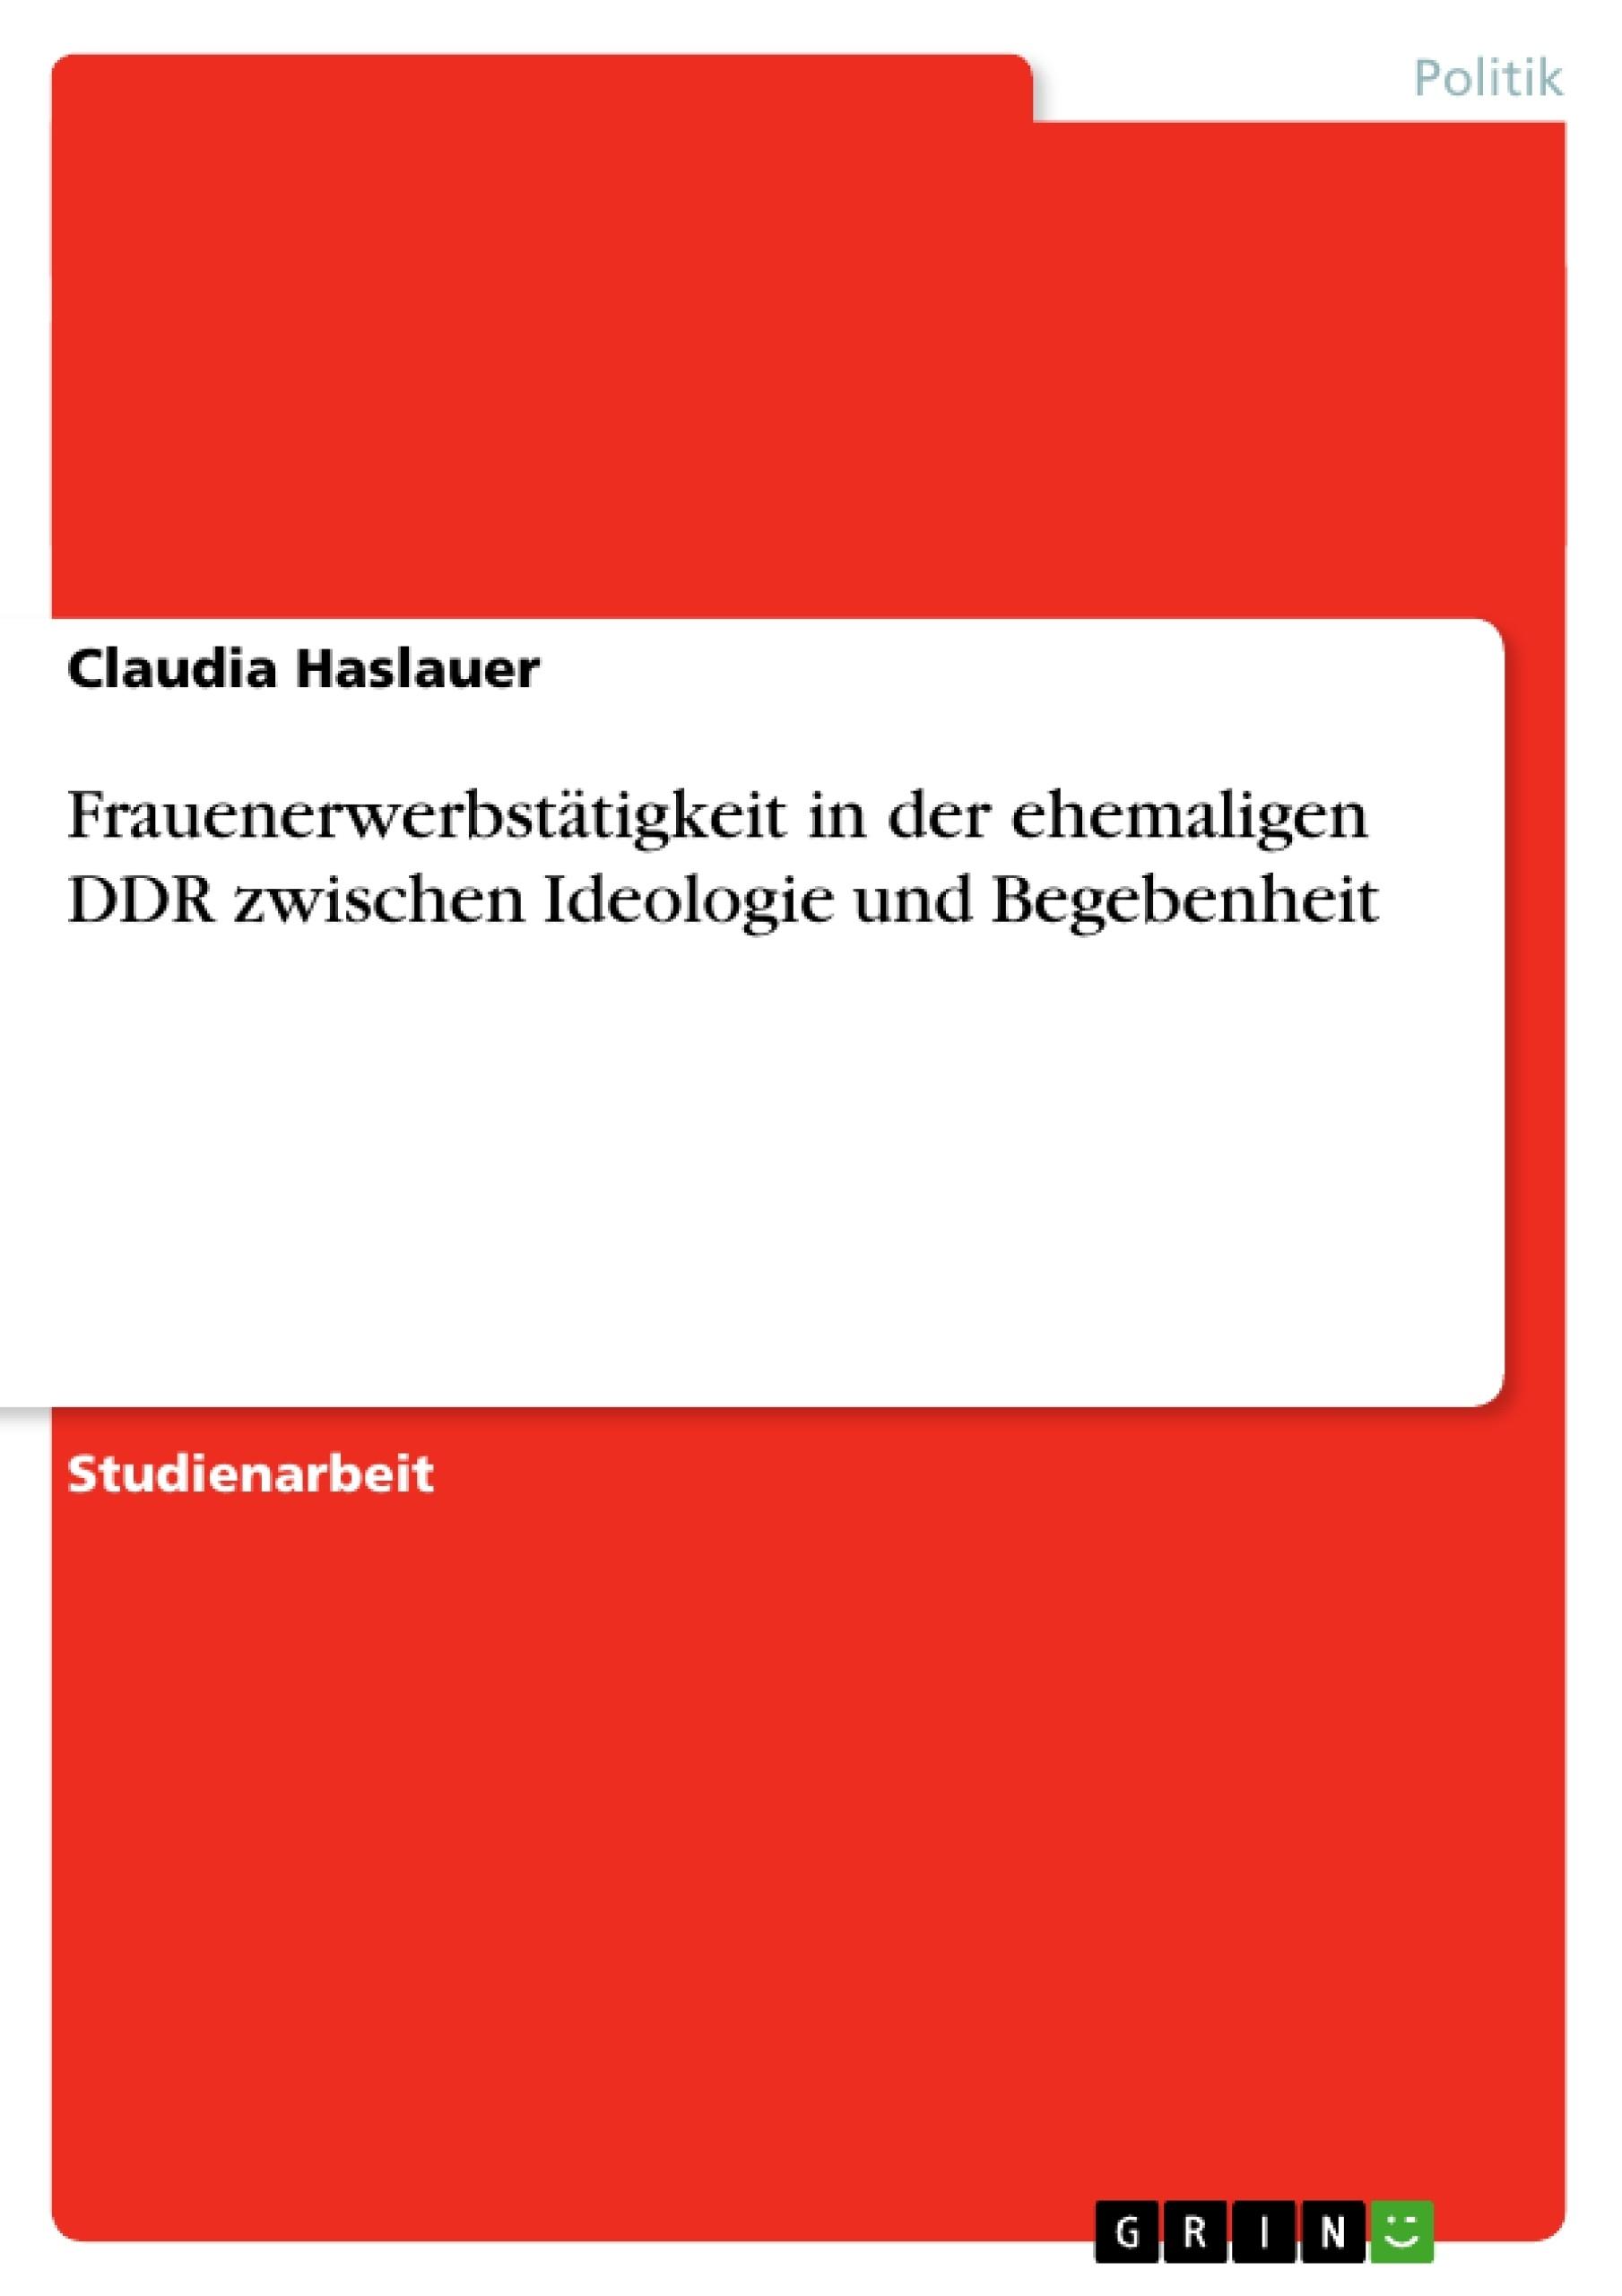 Titel: Frauenerwerbstätigkeit in der ehemaligen DDR zwischen Ideologie und Begebenheit